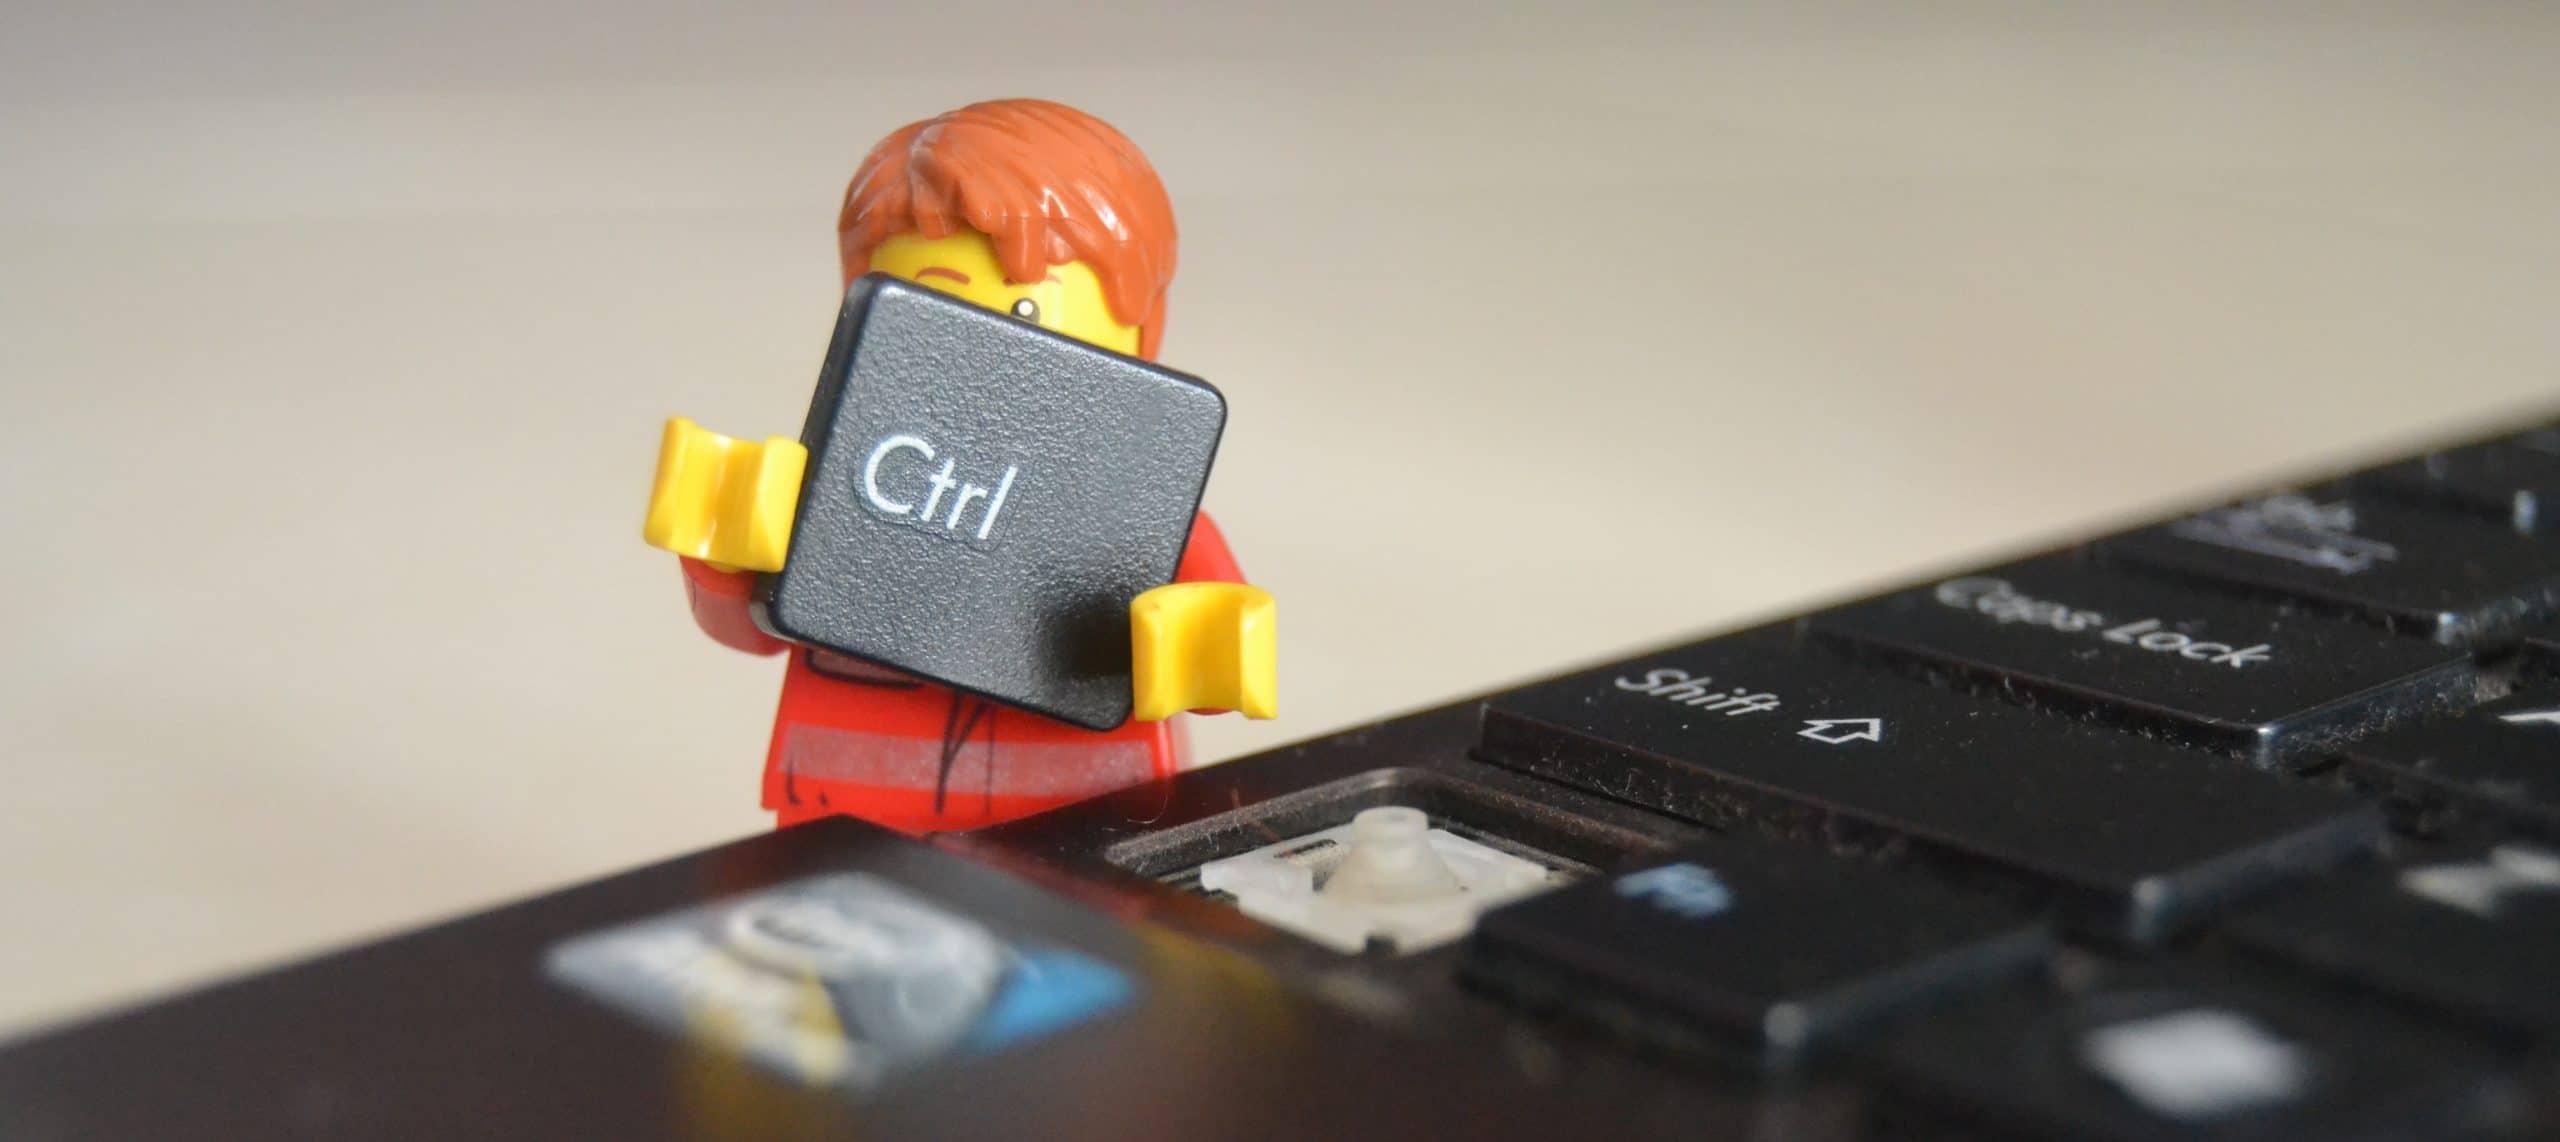 coworking-hackerspaces-network